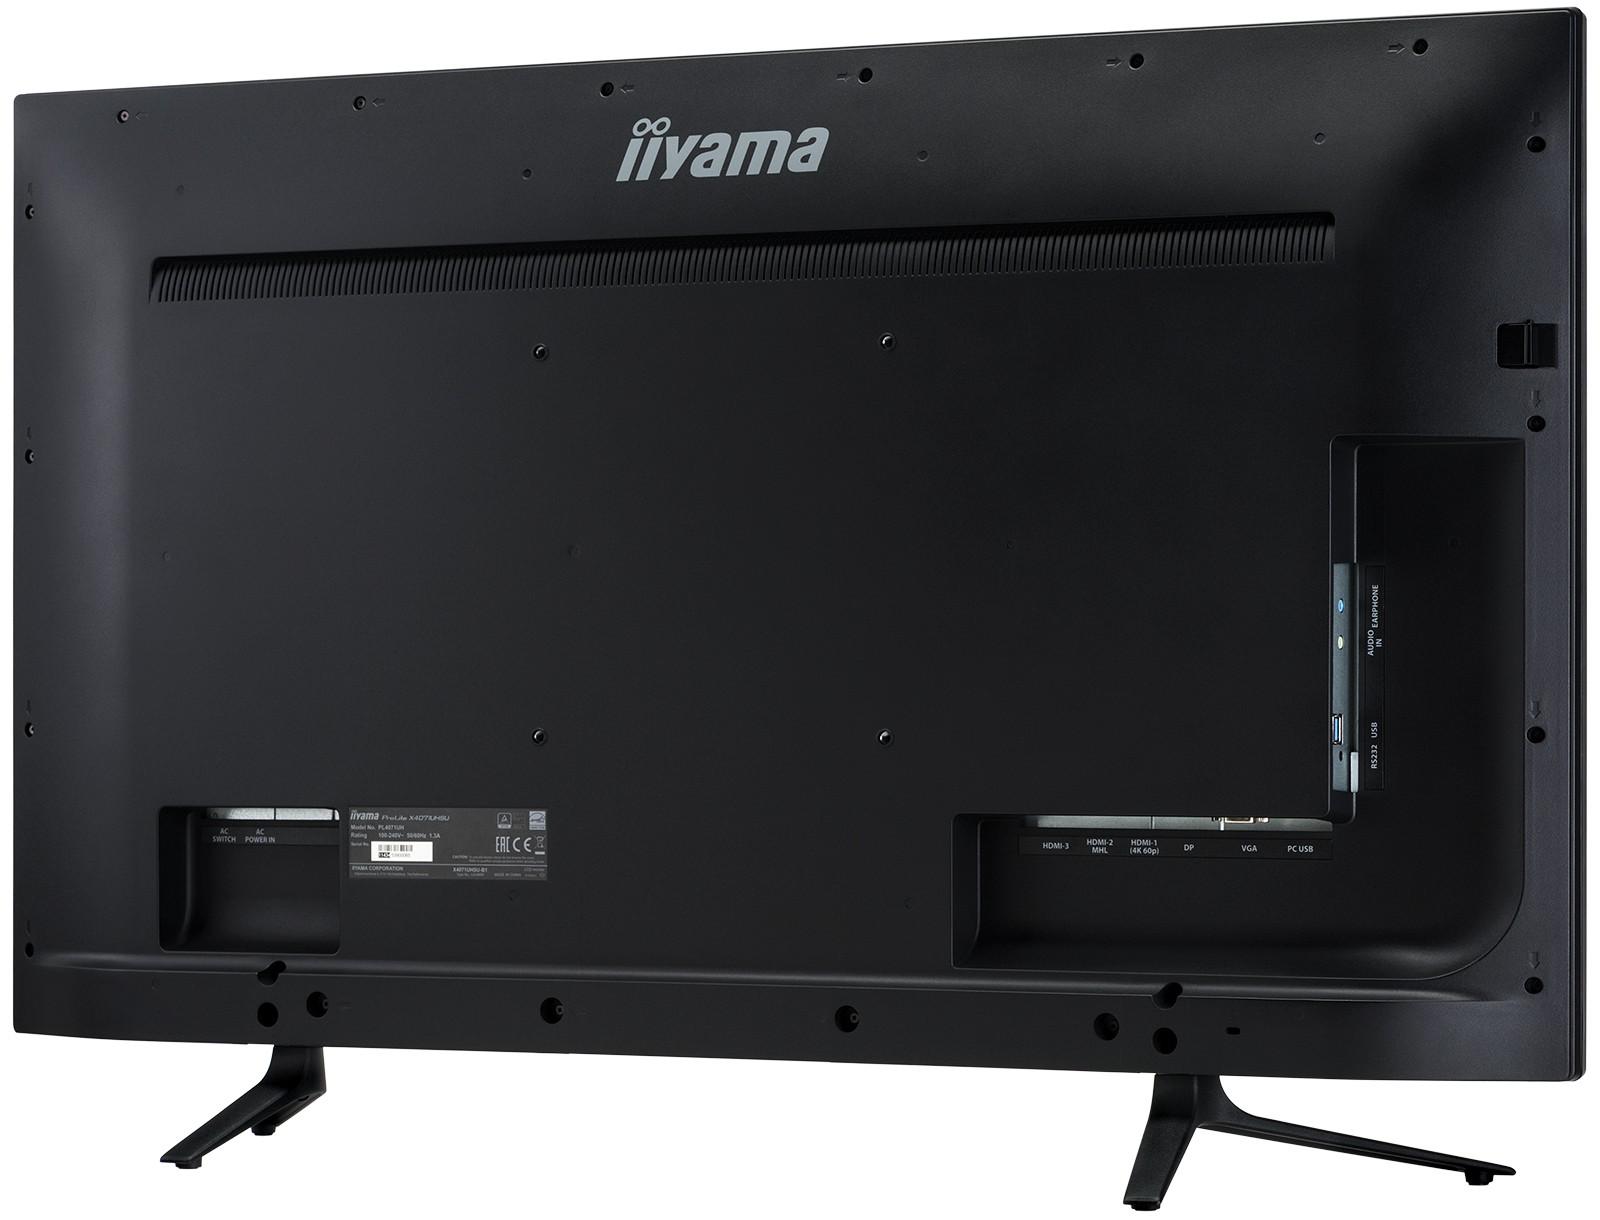 un moniteur de 40 pouces chez iiyama les num riques. Black Bedroom Furniture Sets. Home Design Ideas